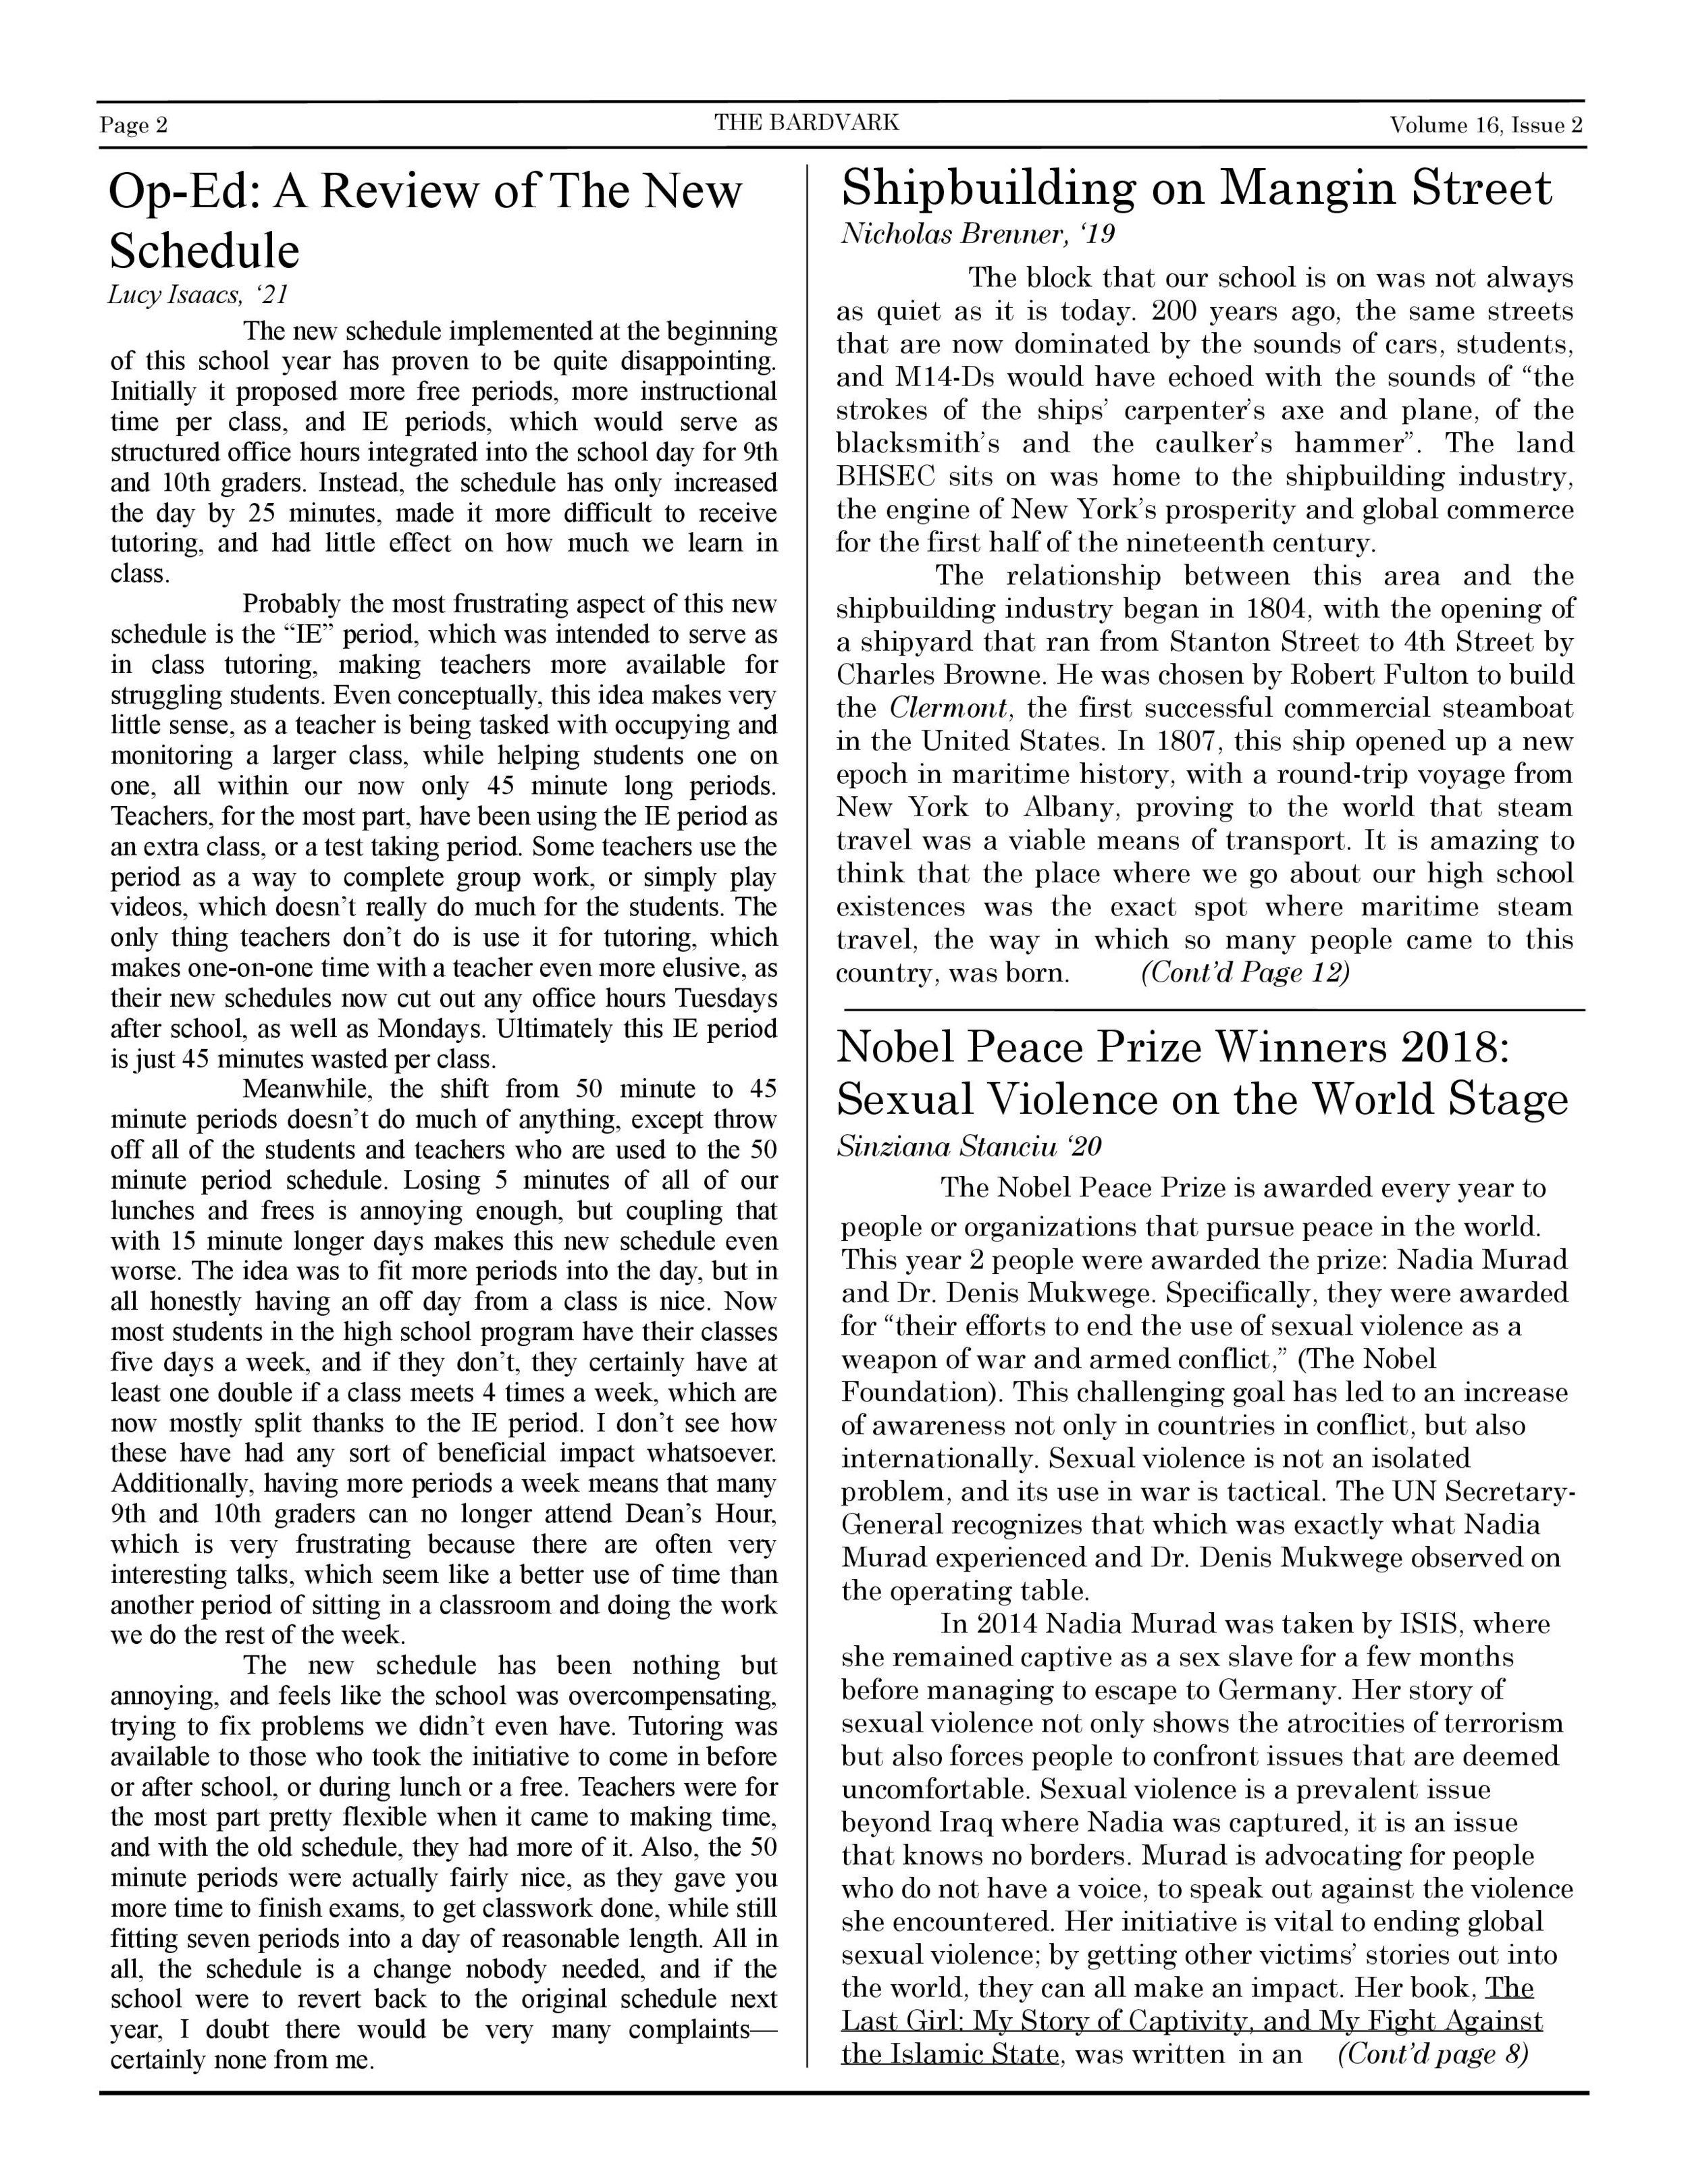 Issue 2 October 2018-2.jpg